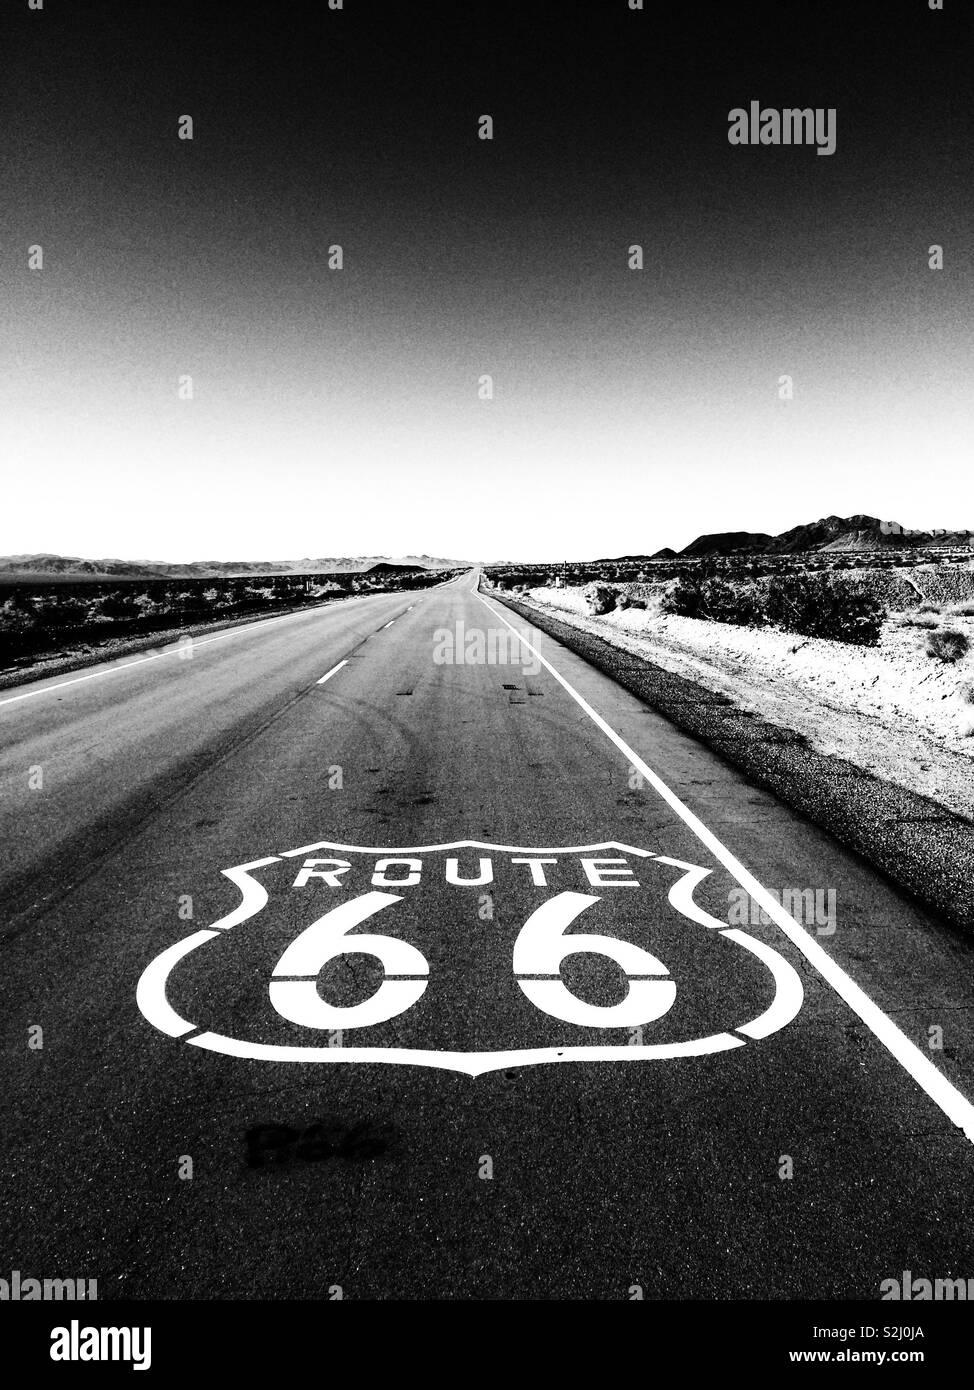 Straße 66 Zeichen in der Mojave Wüste. Schwarz und Weiß zu bearbeiten. Stockbild